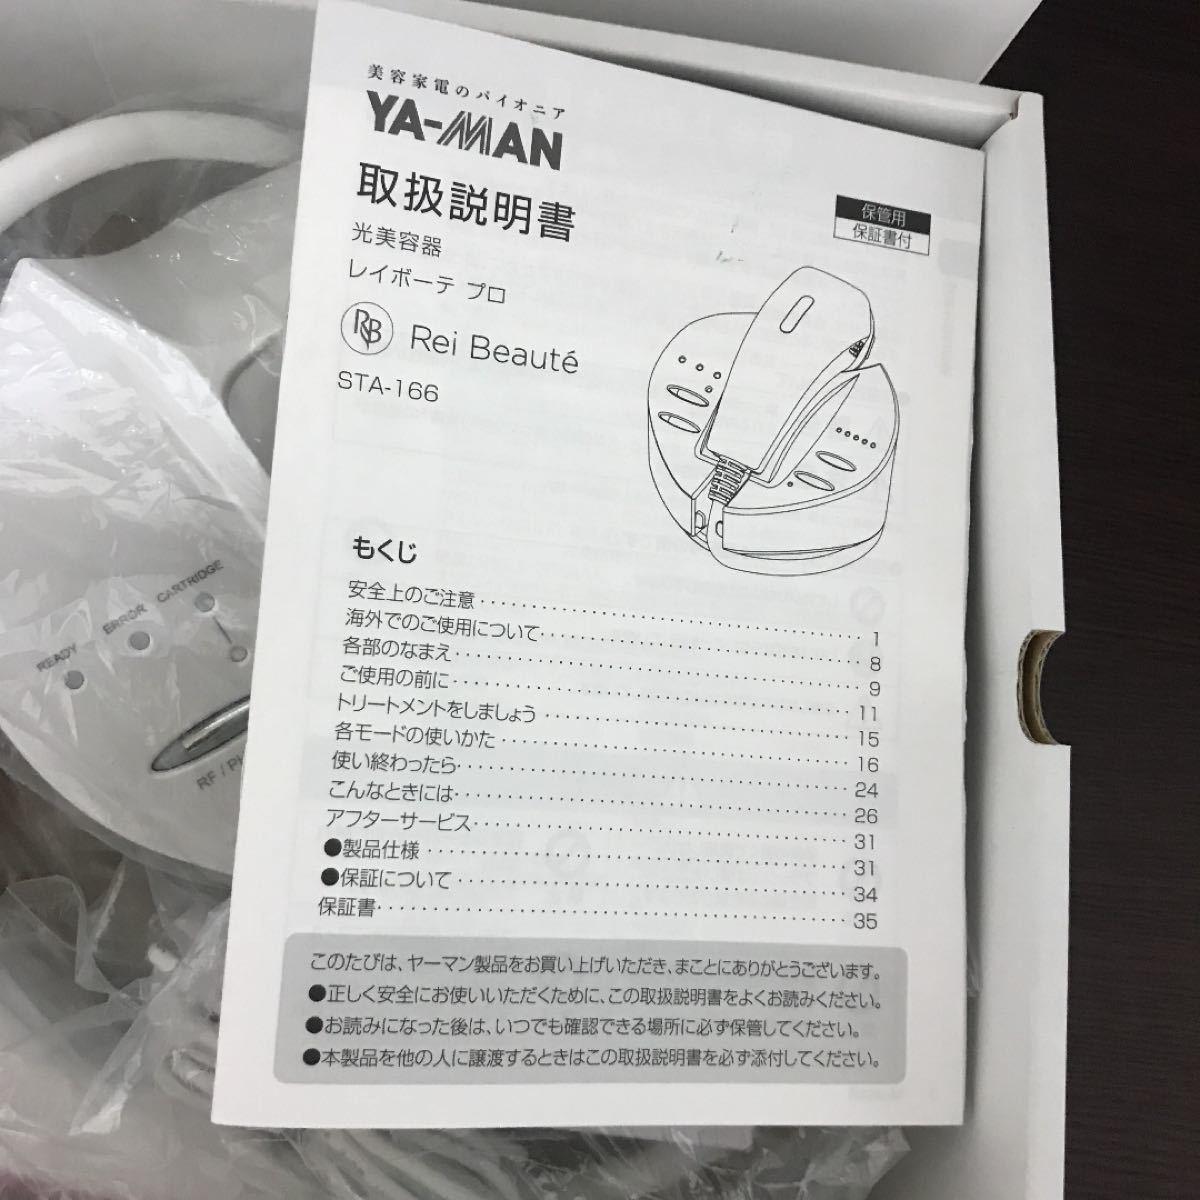 ヤーマン YA-MAN レイボーテ プロ 脱毛器